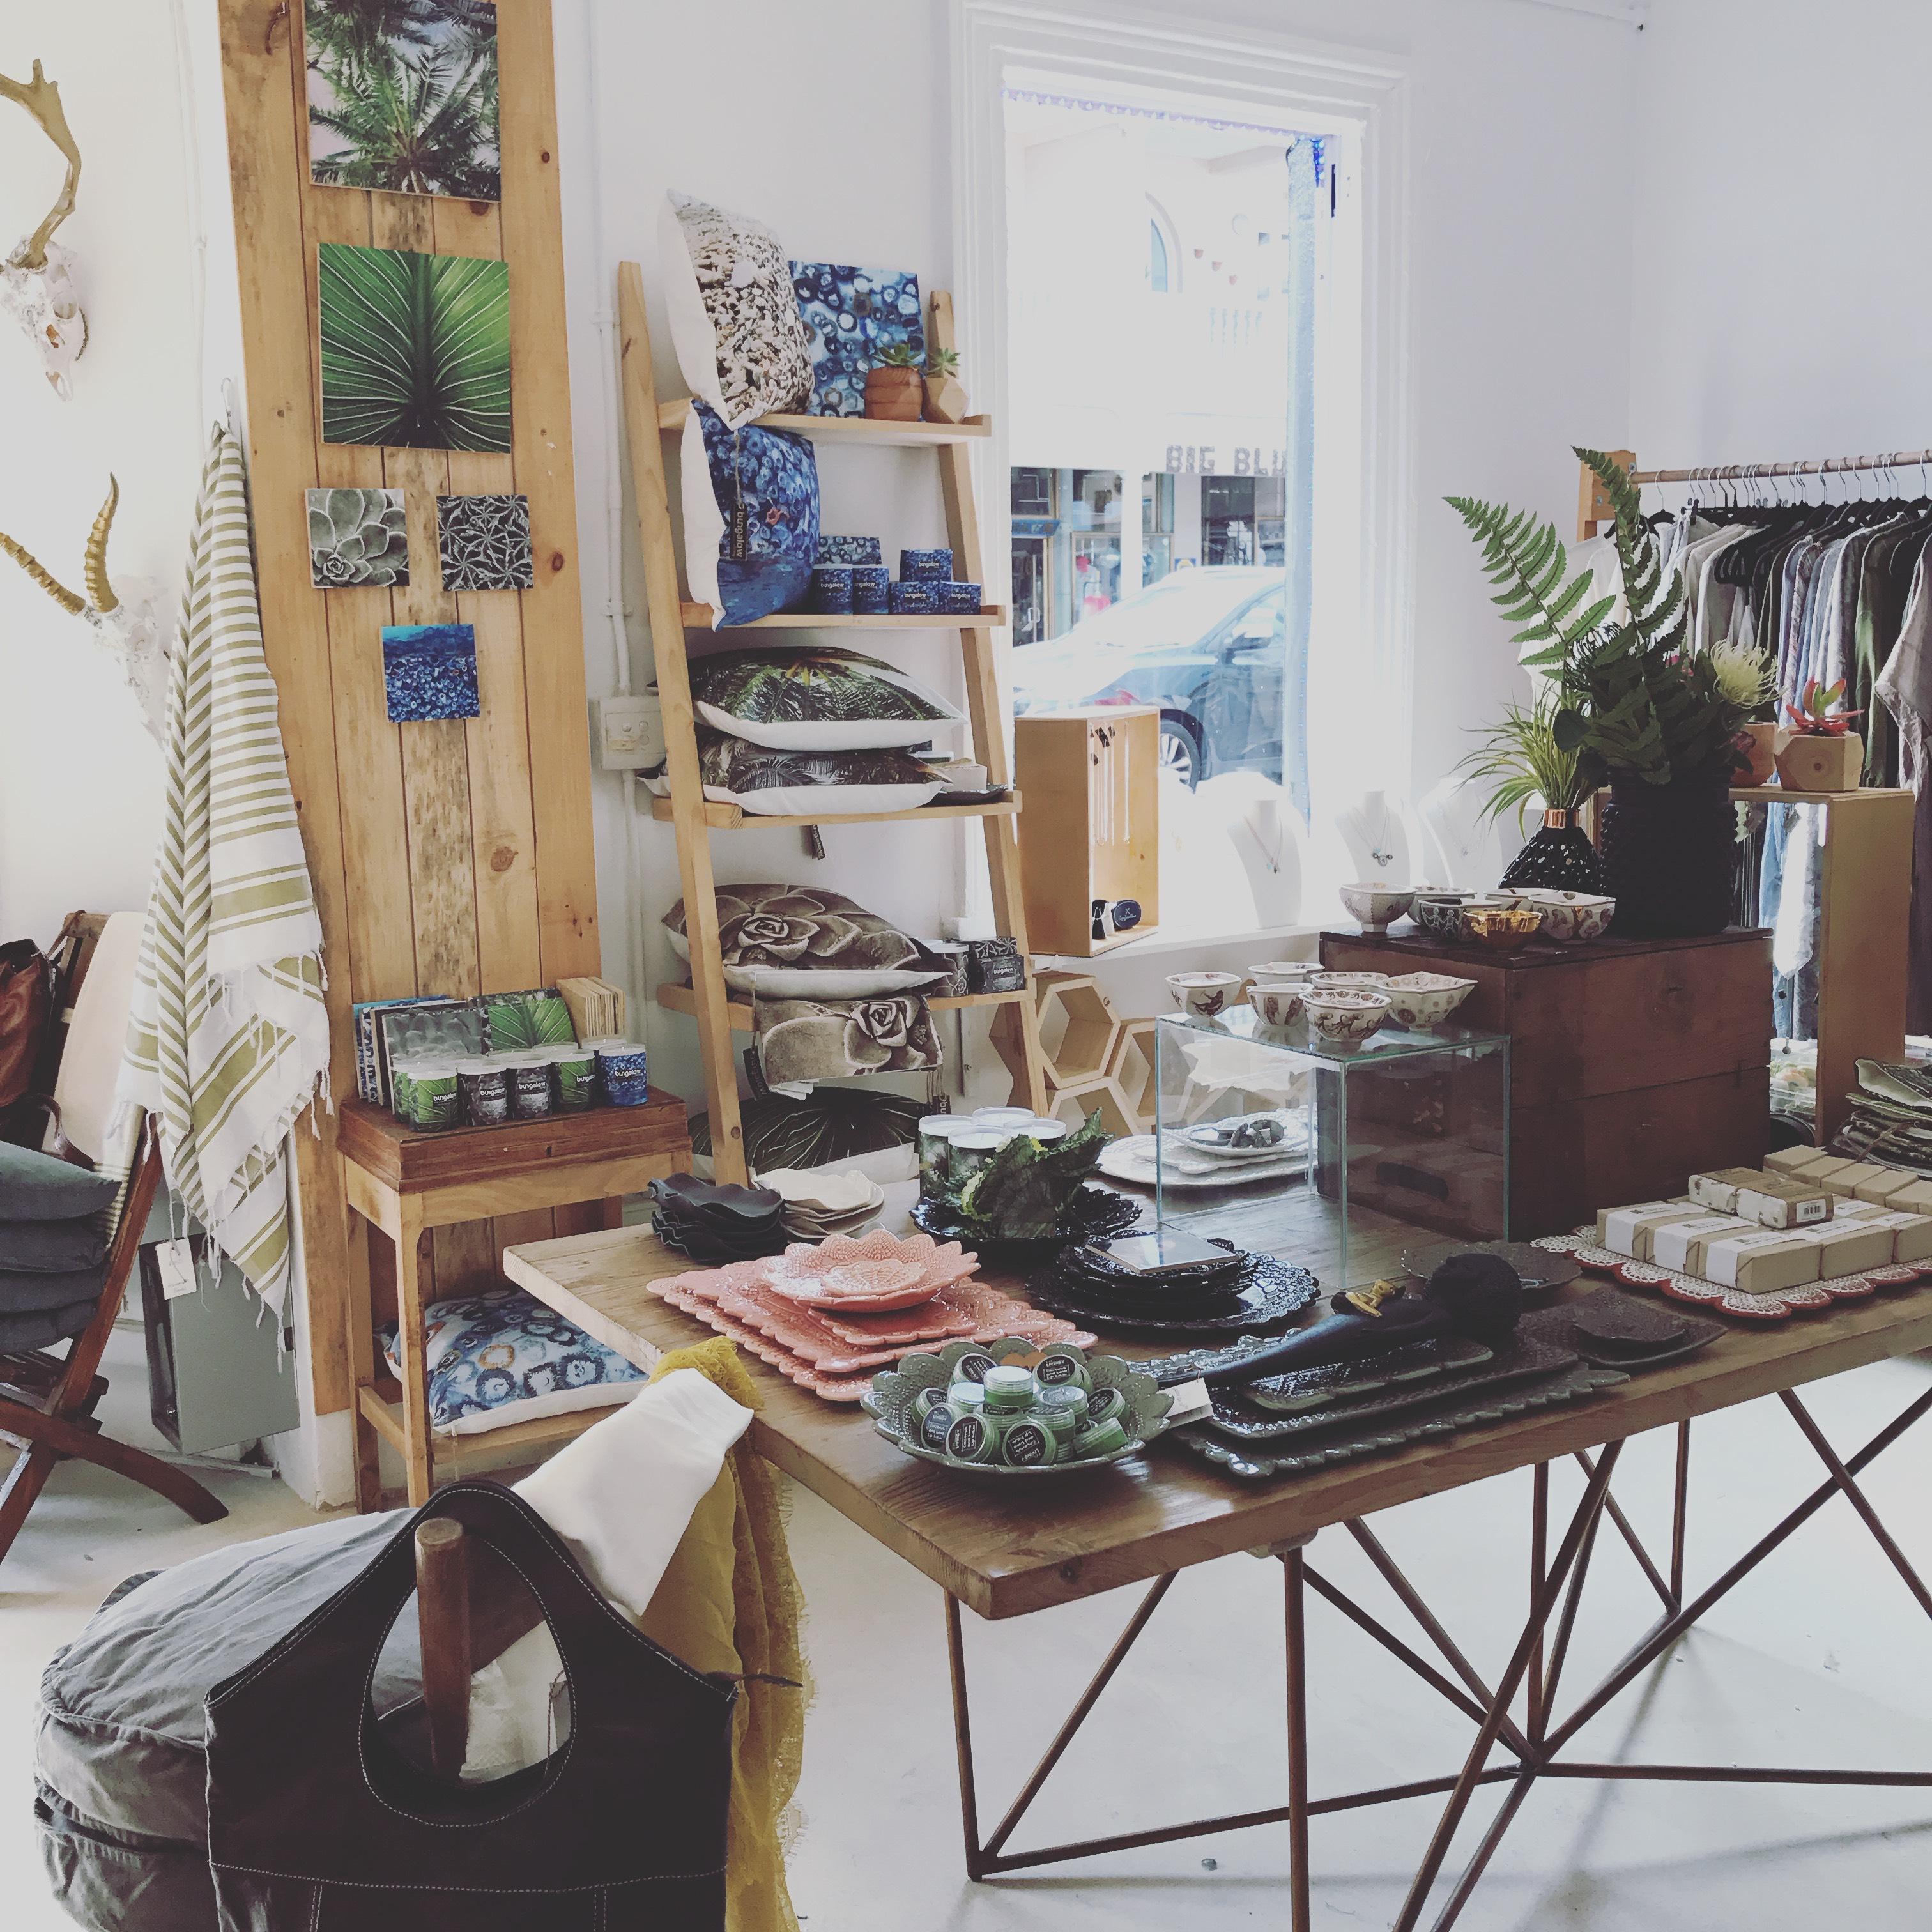 saint siena shop kalk bay